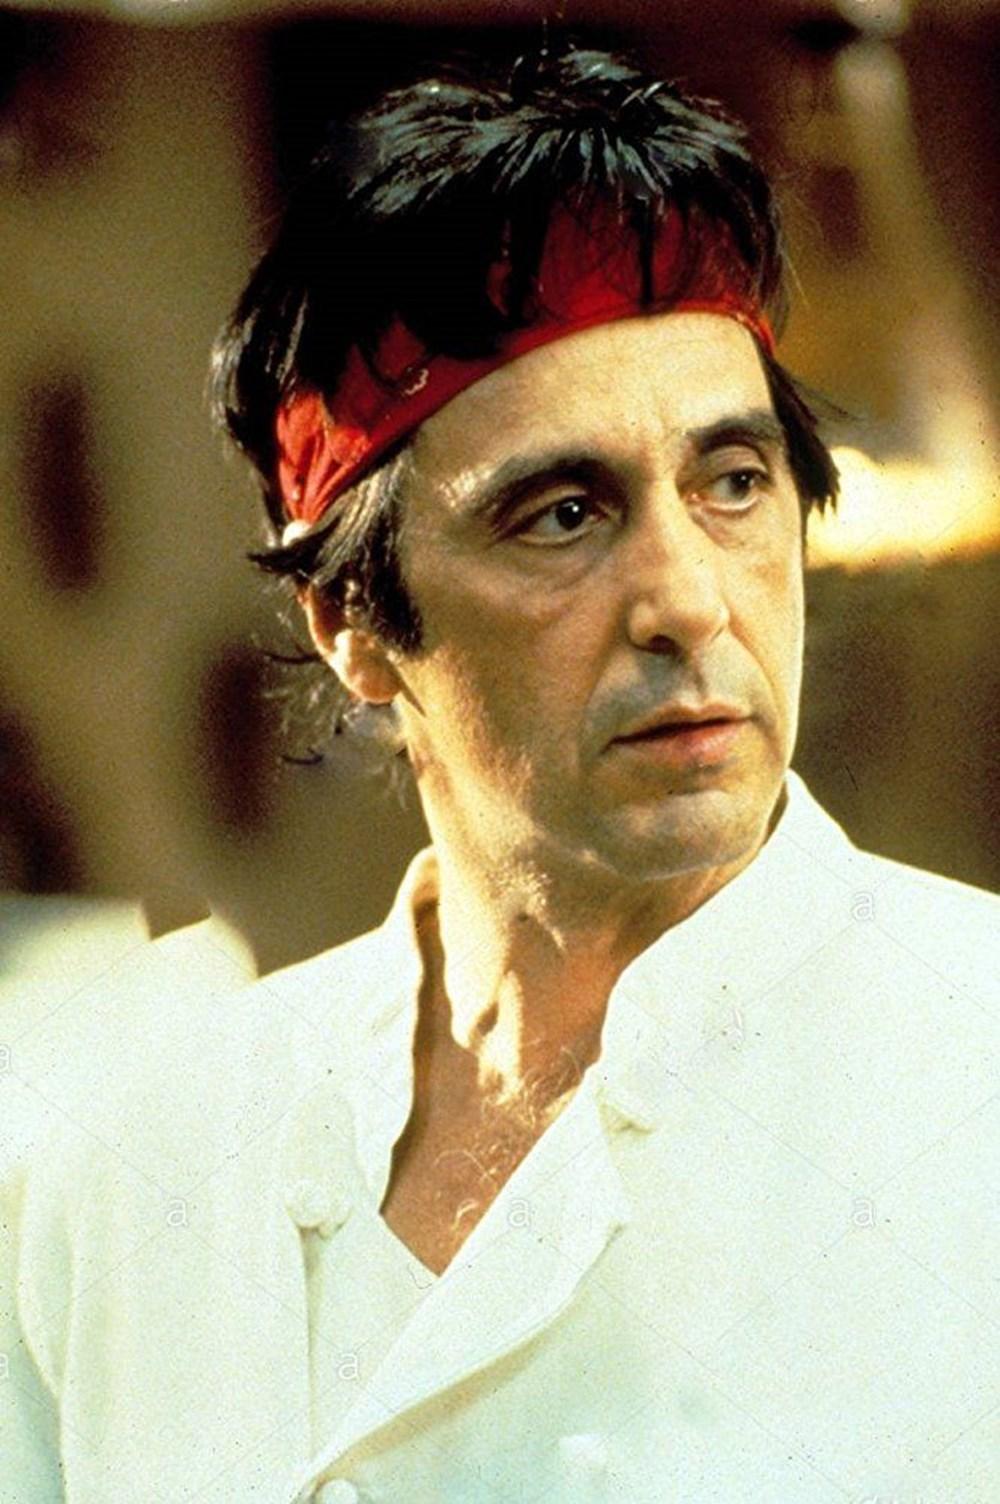 81. doğum gününde 81 fotoğrafla Al Pacino - 23